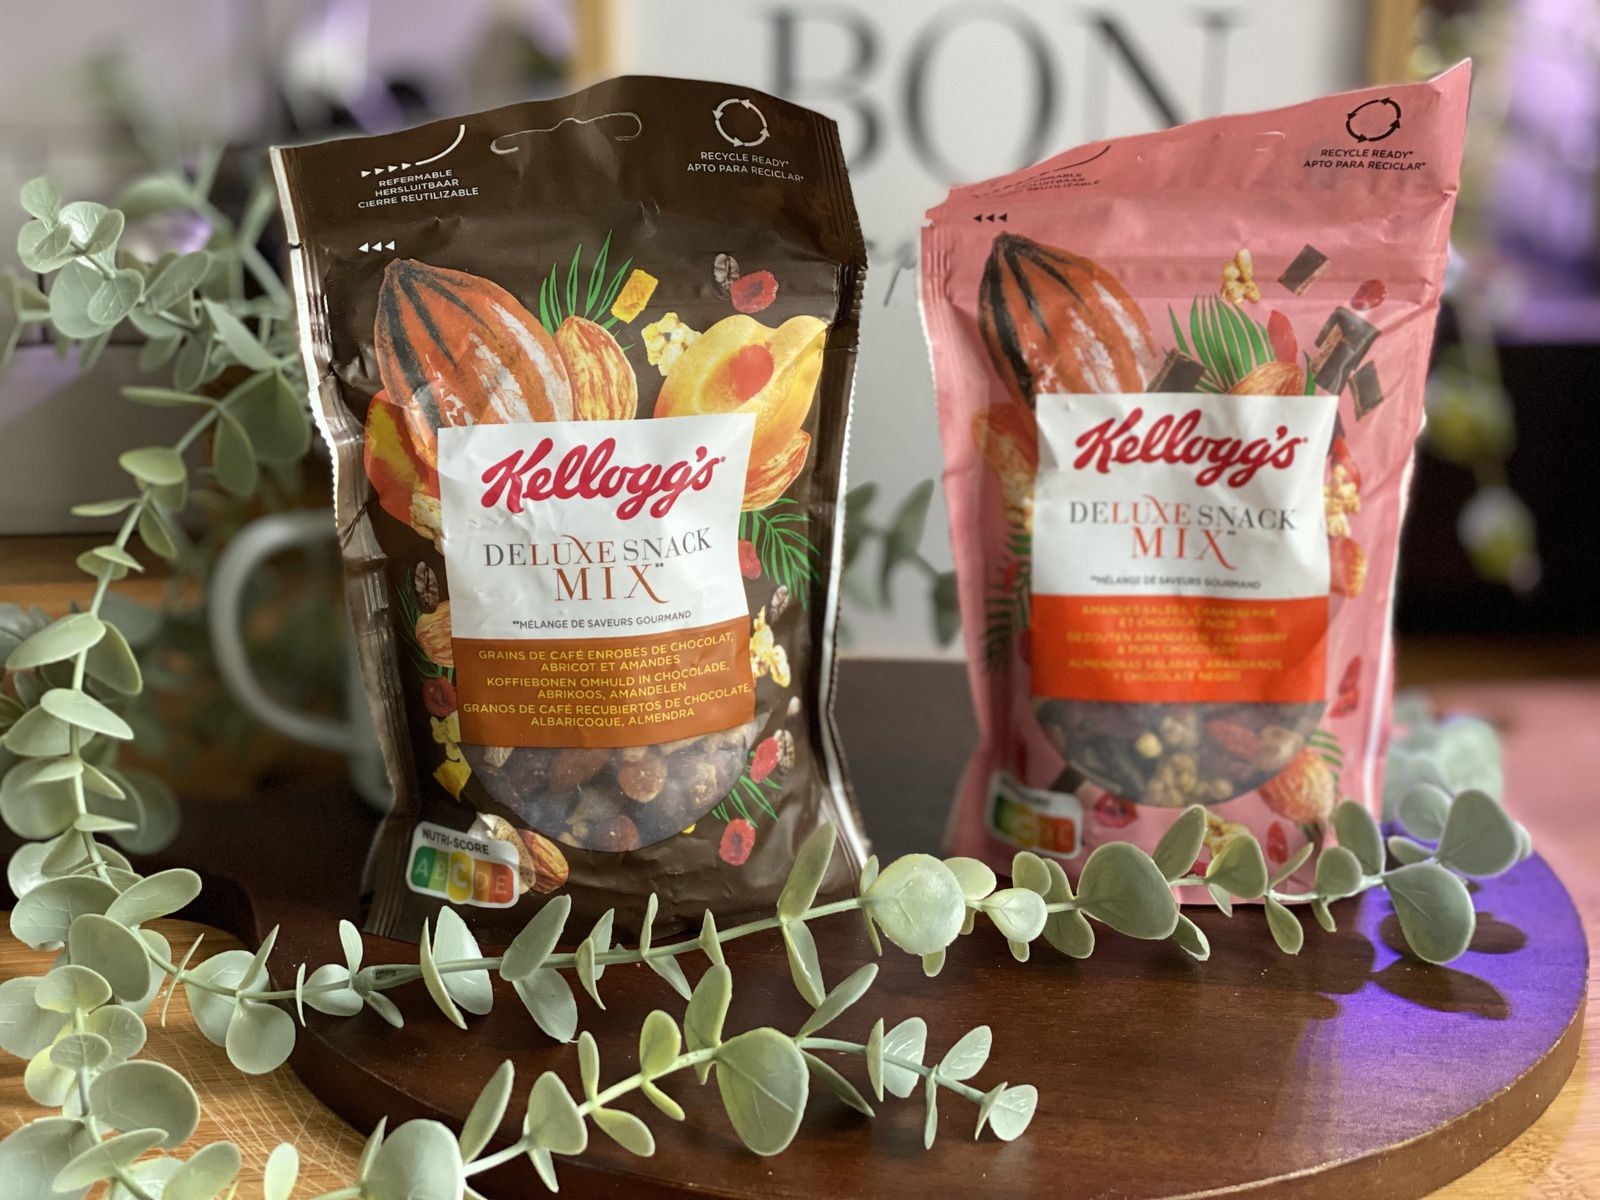 Kellogg's Deluxe snack mix